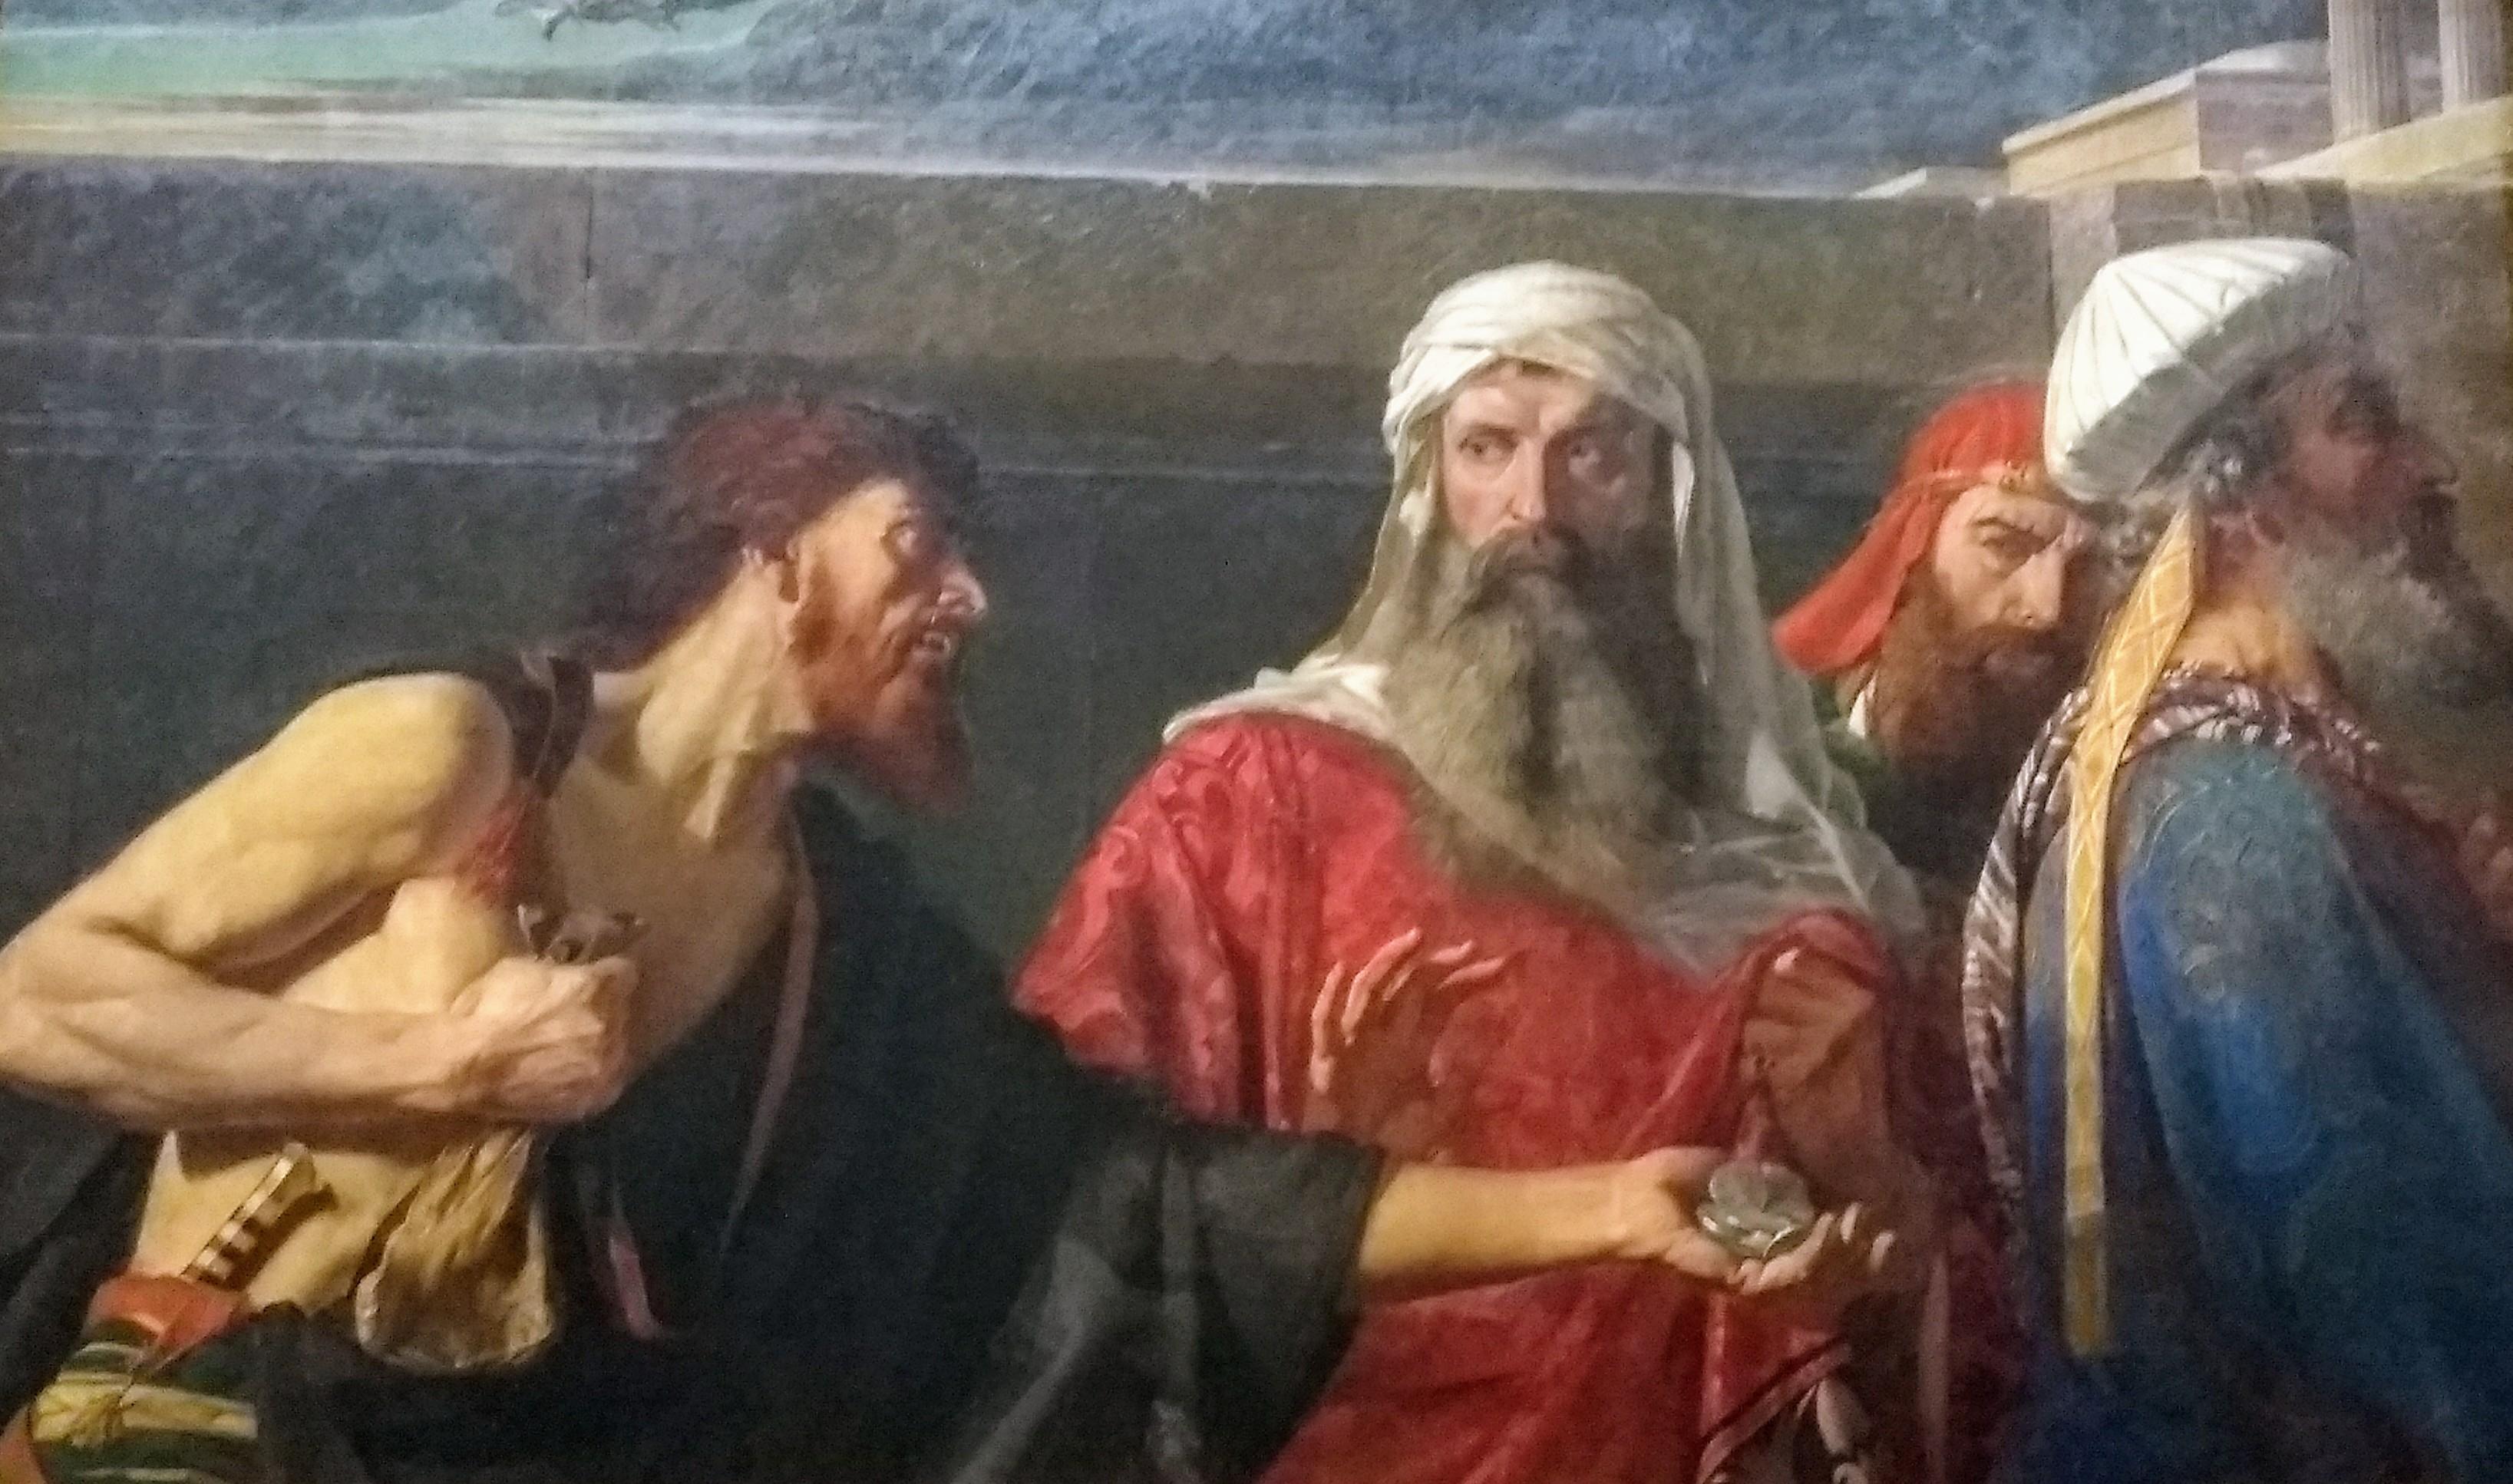 CELE DOUĂ FELURI DE CĂINŢĂ: A LUI PETRU ŞI A LUI IUDA